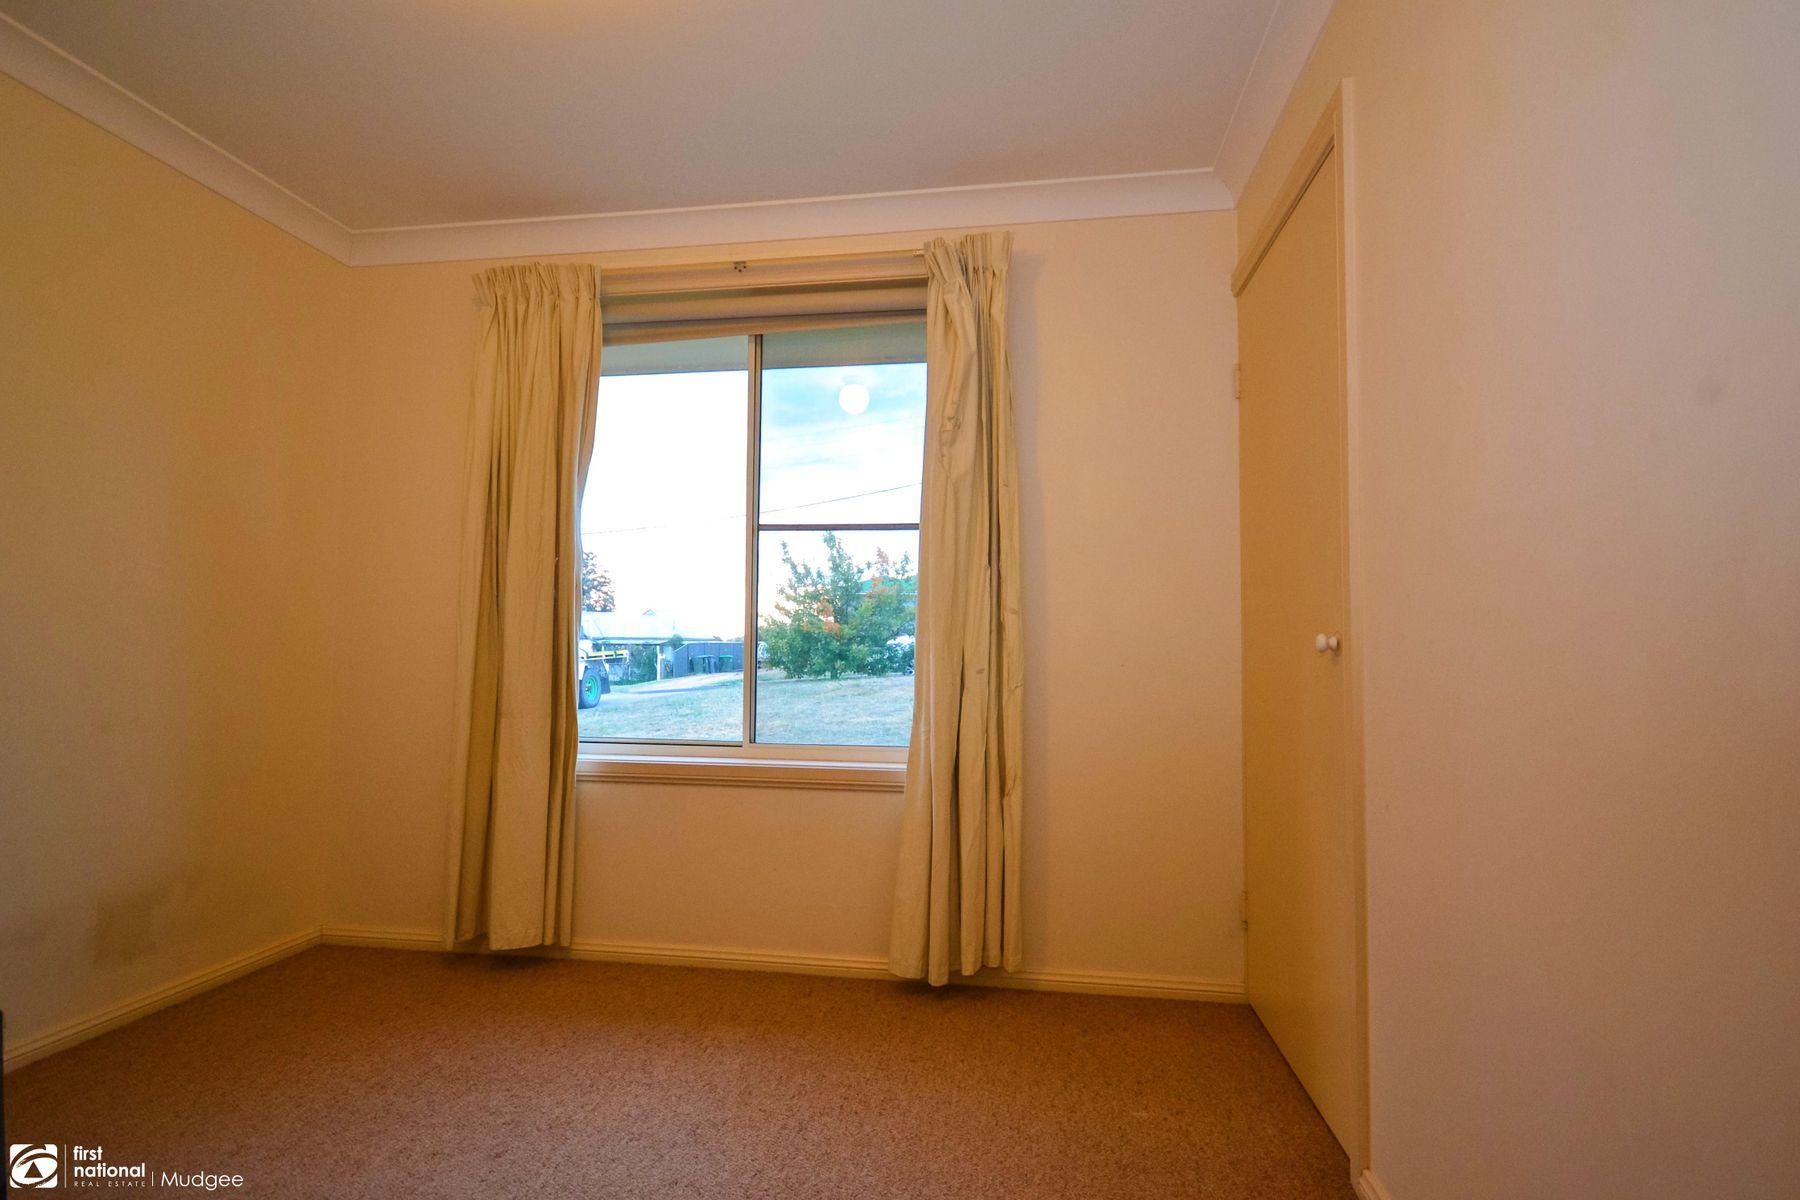 51 Nicholson Street, Mudgee, NSW 2850